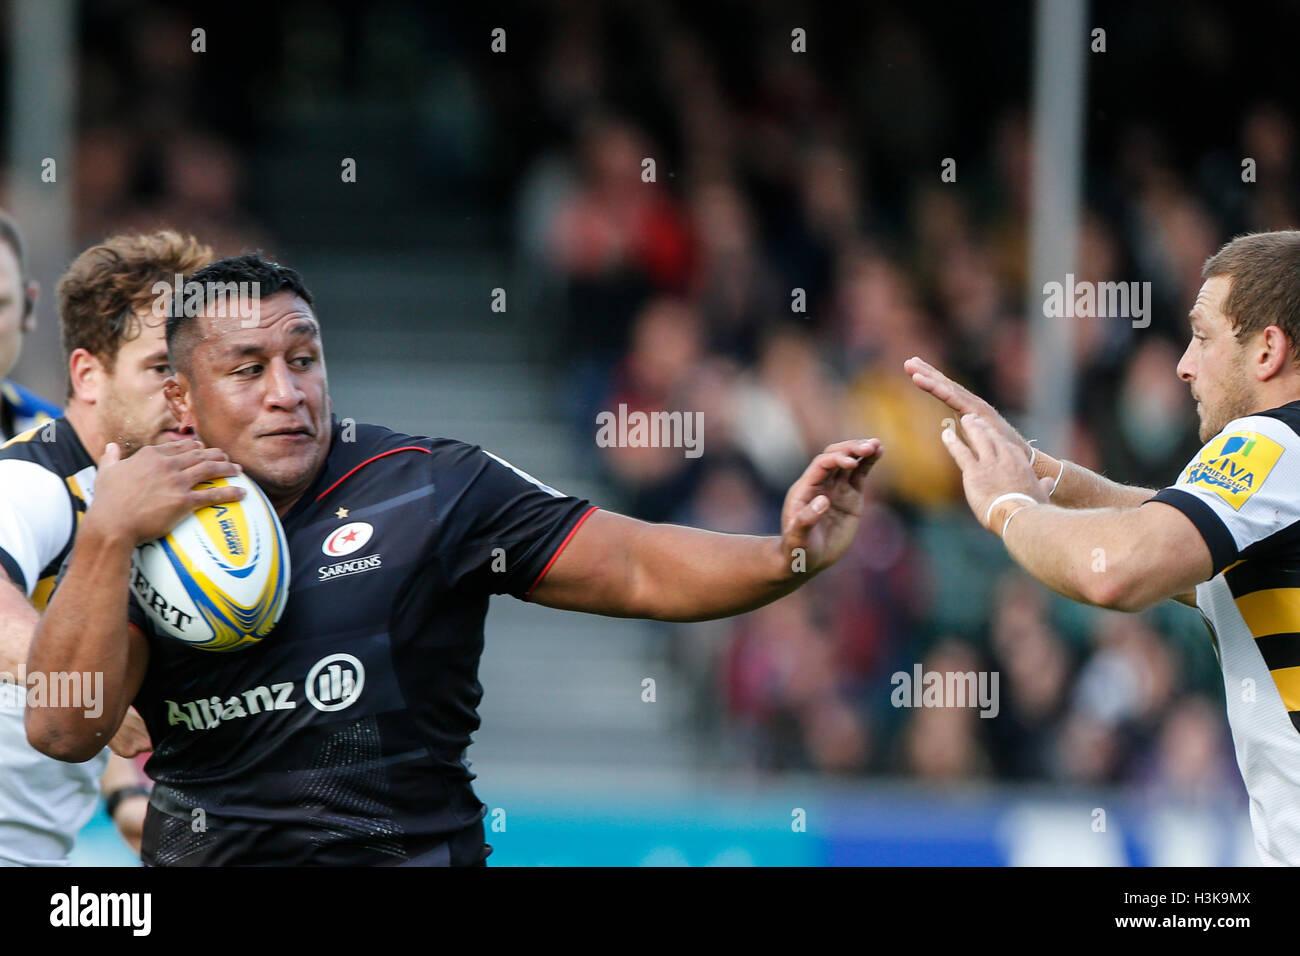 Barnet Copthall, London, UK. 9. Oktober 2016. Aviva Premiership Rugby. Sarazenen gegen Wespen. Mako Vunipola der Stockbild